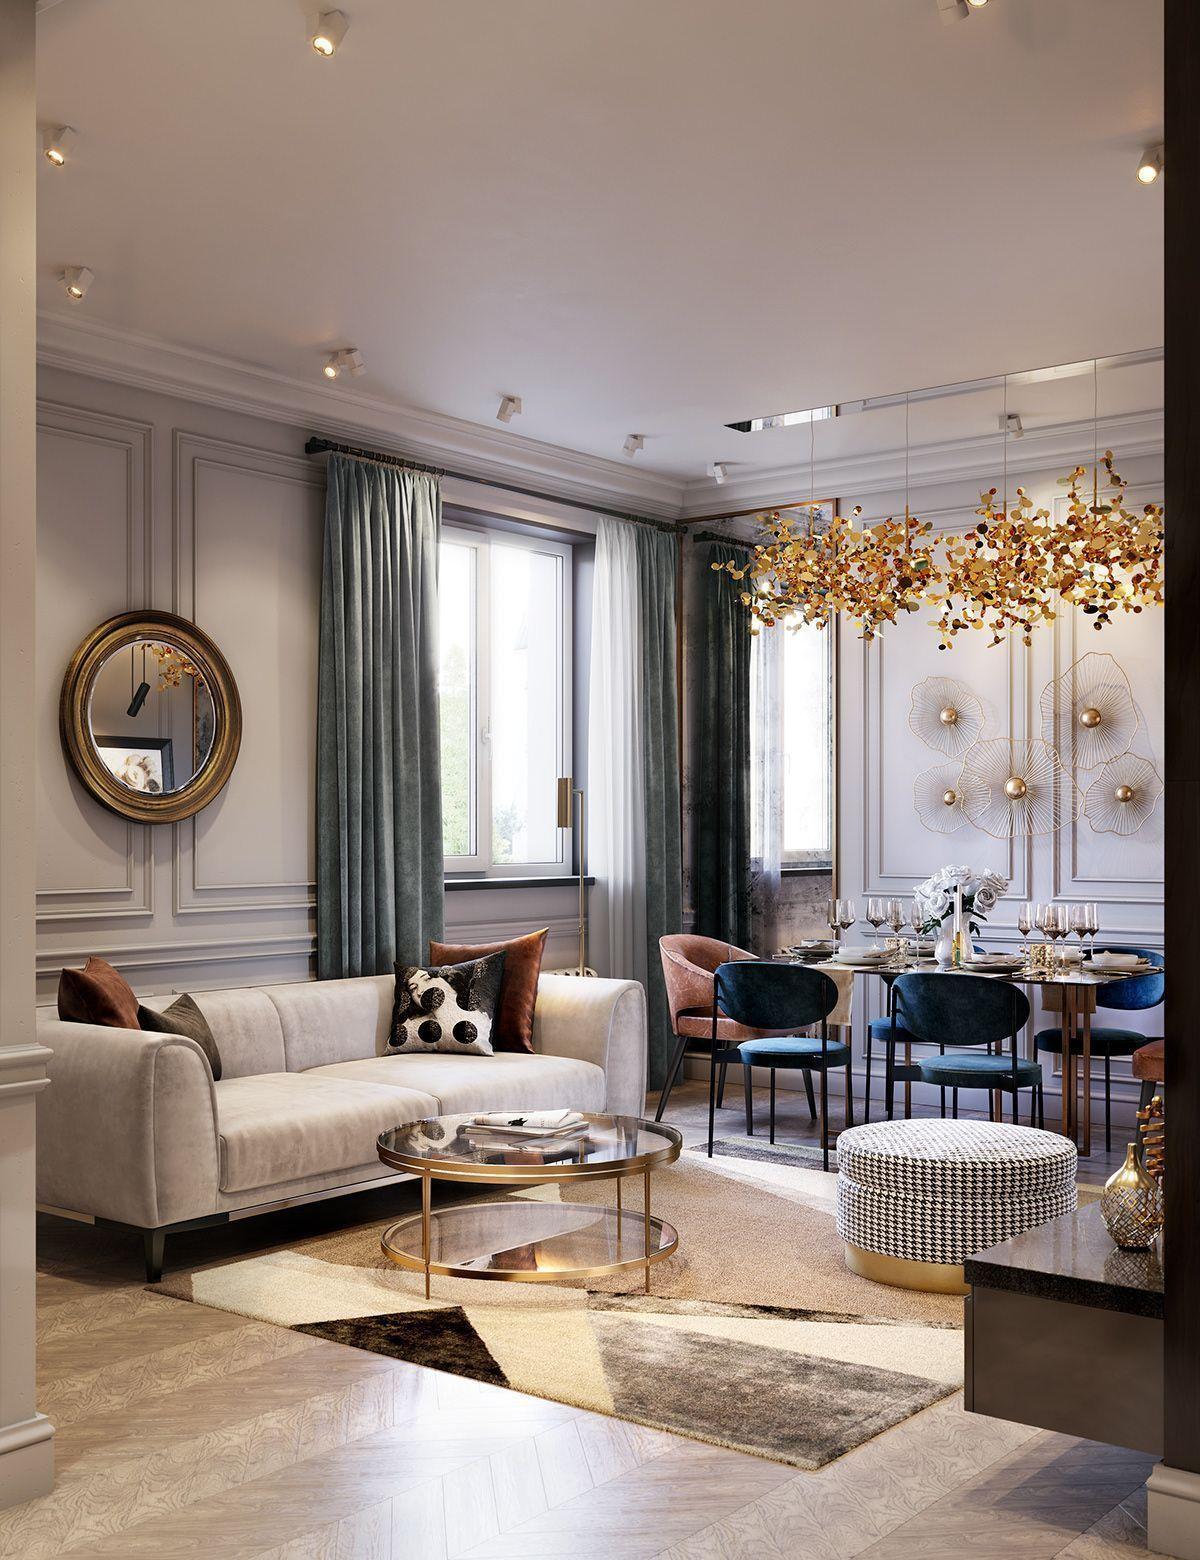 Living Room Interior Ideas Uk 2020 In 2020 Classic Living Room Luxury Living Room Living Room Designs